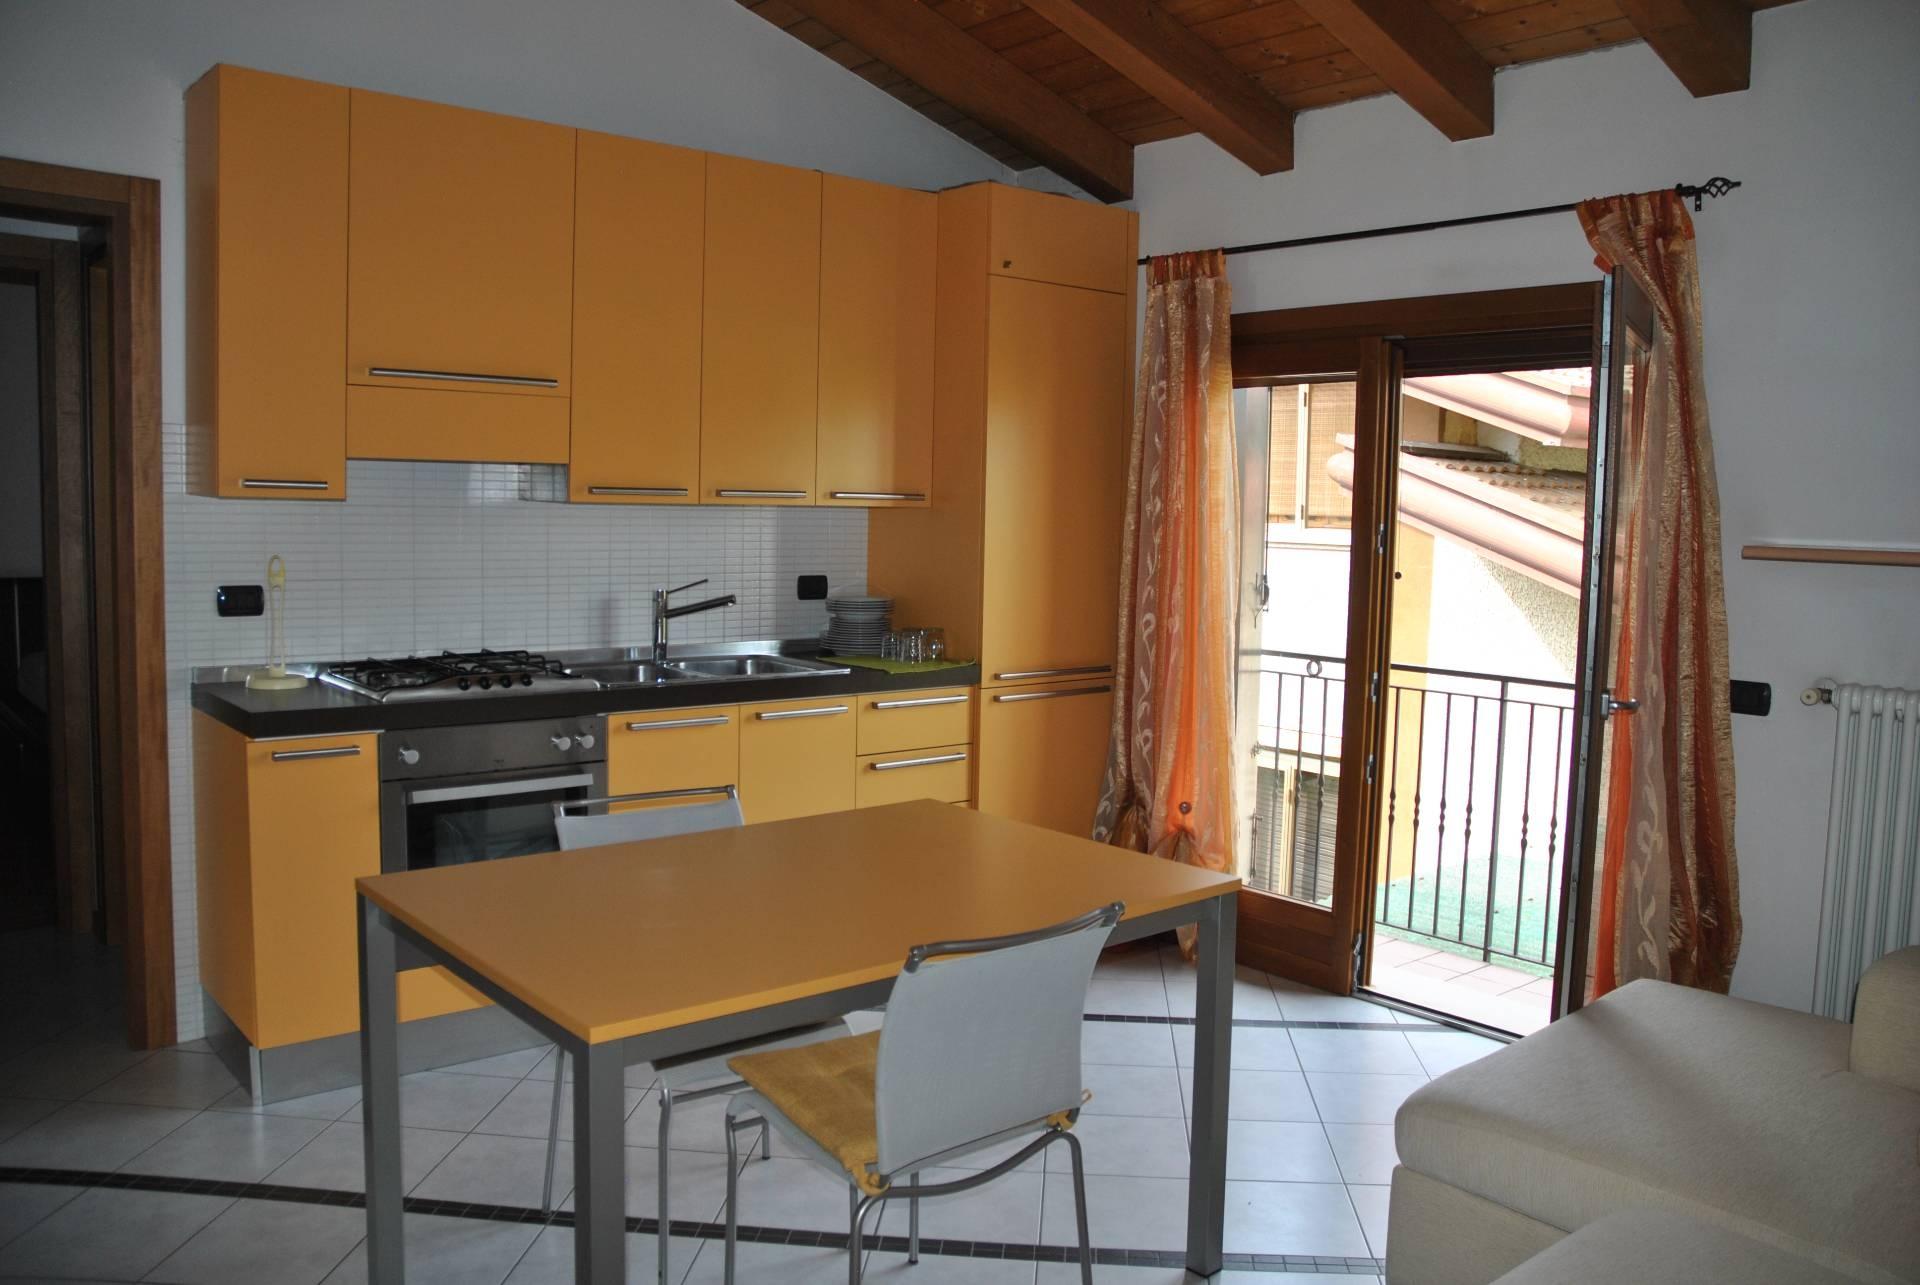 Appartamento in vendita a Zero Branco, 2 locali, prezzo € 98.000 | CambioCasa.it